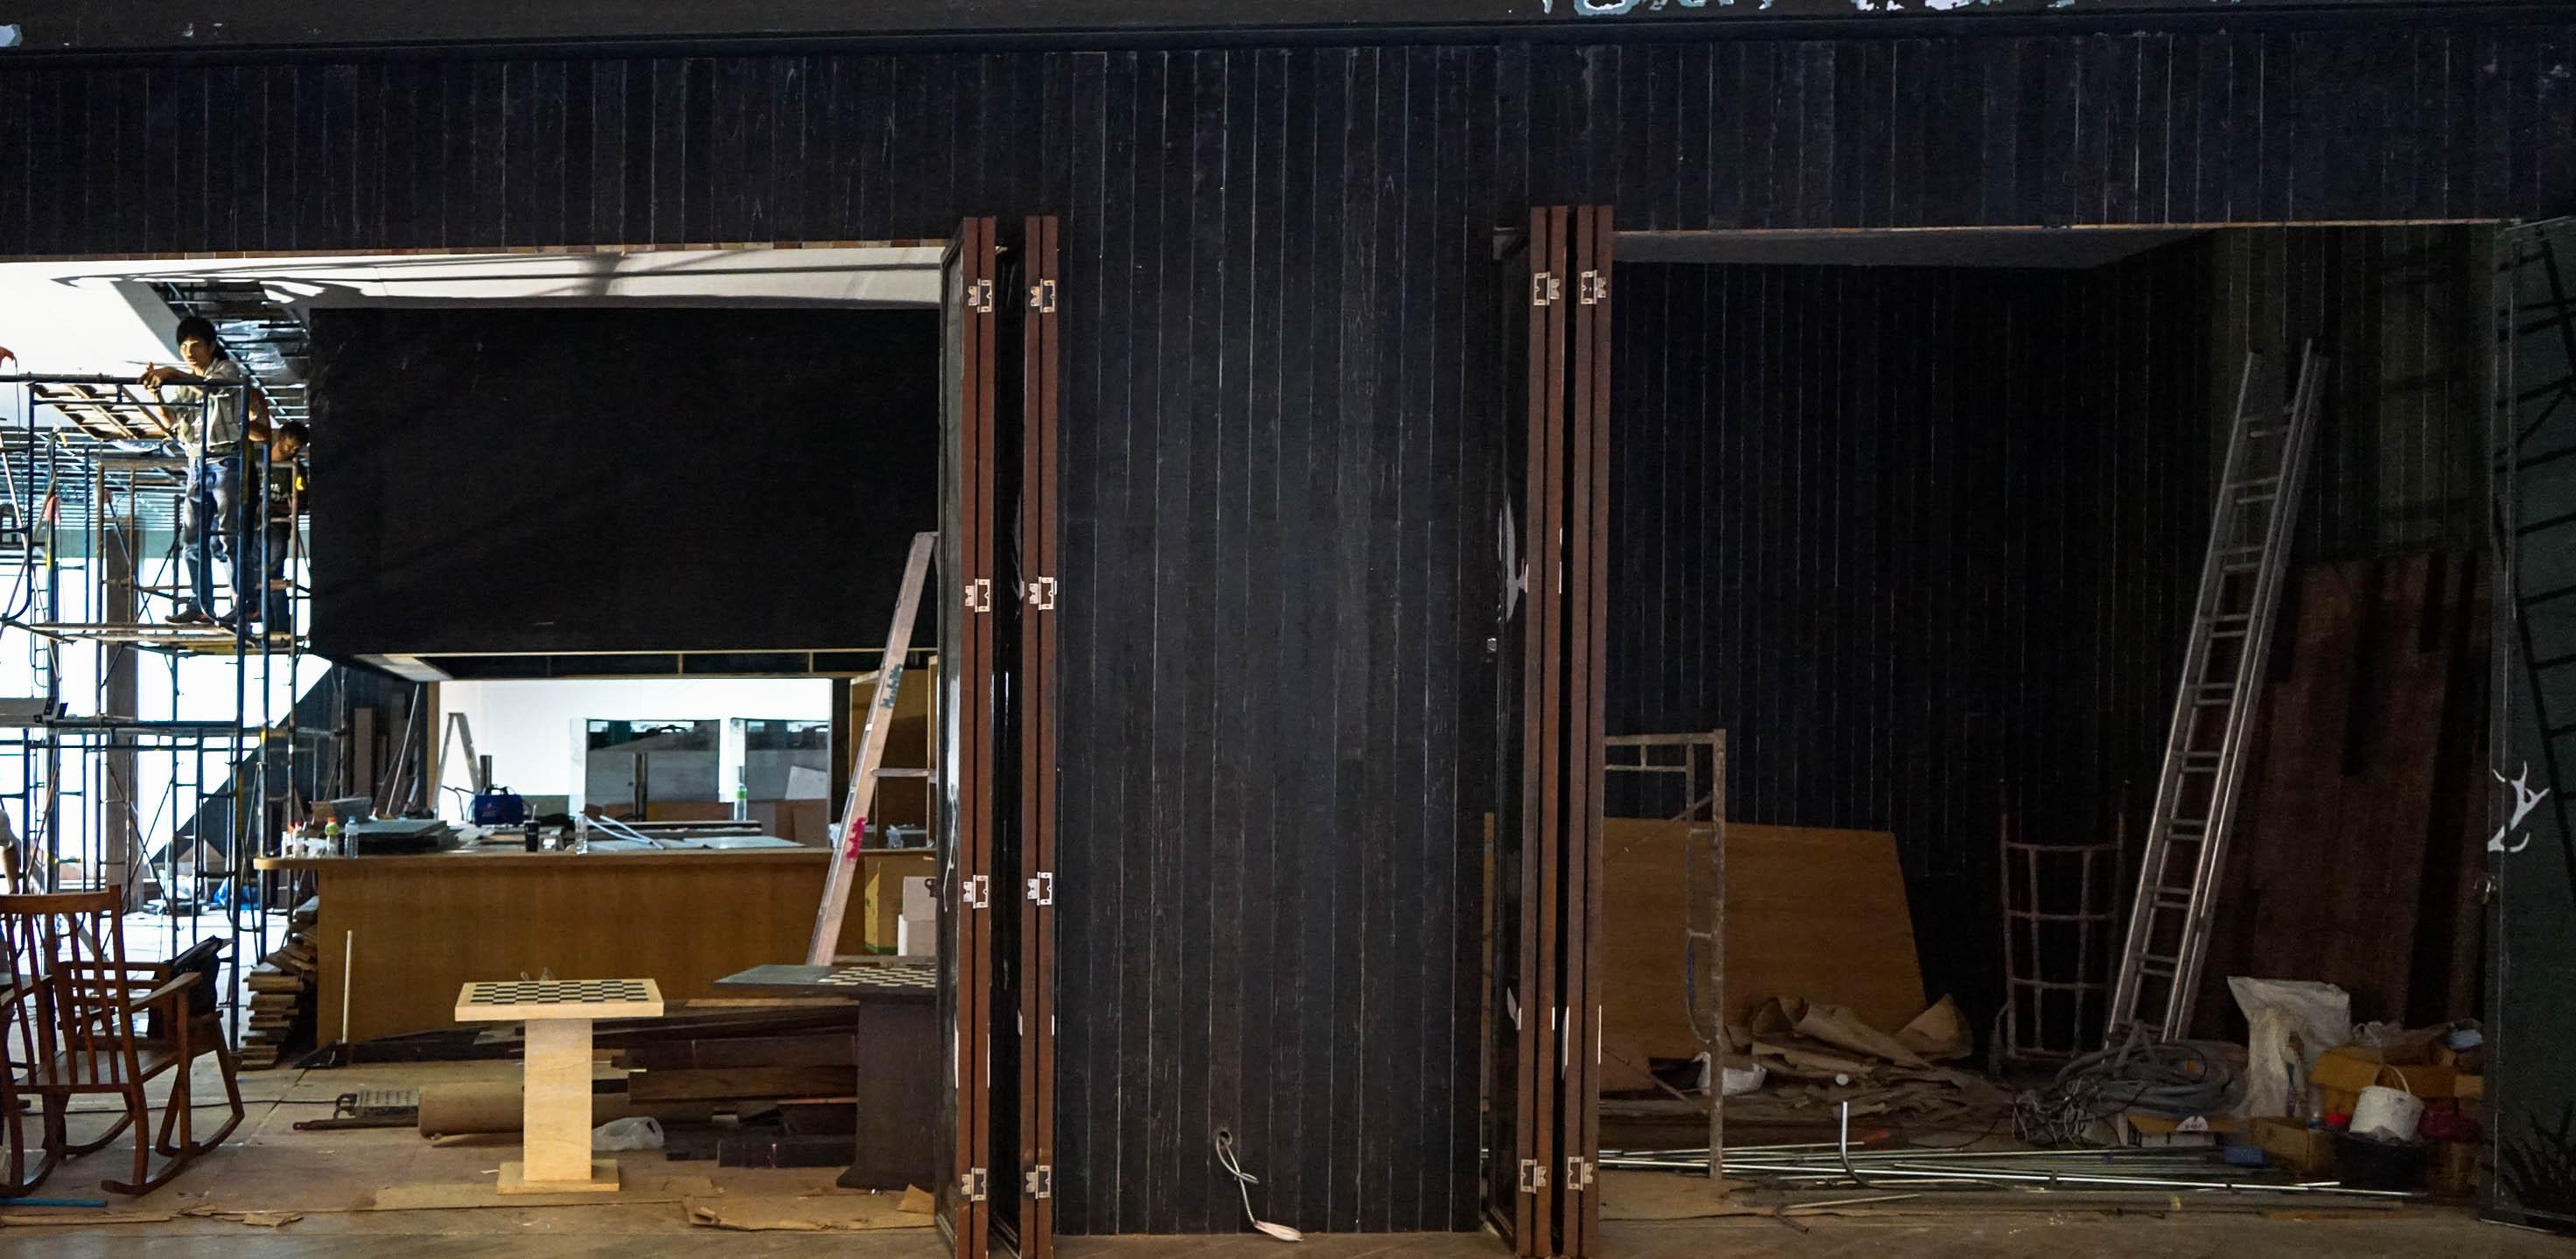 10Design hyde&seek peek a boo interior design construction 07